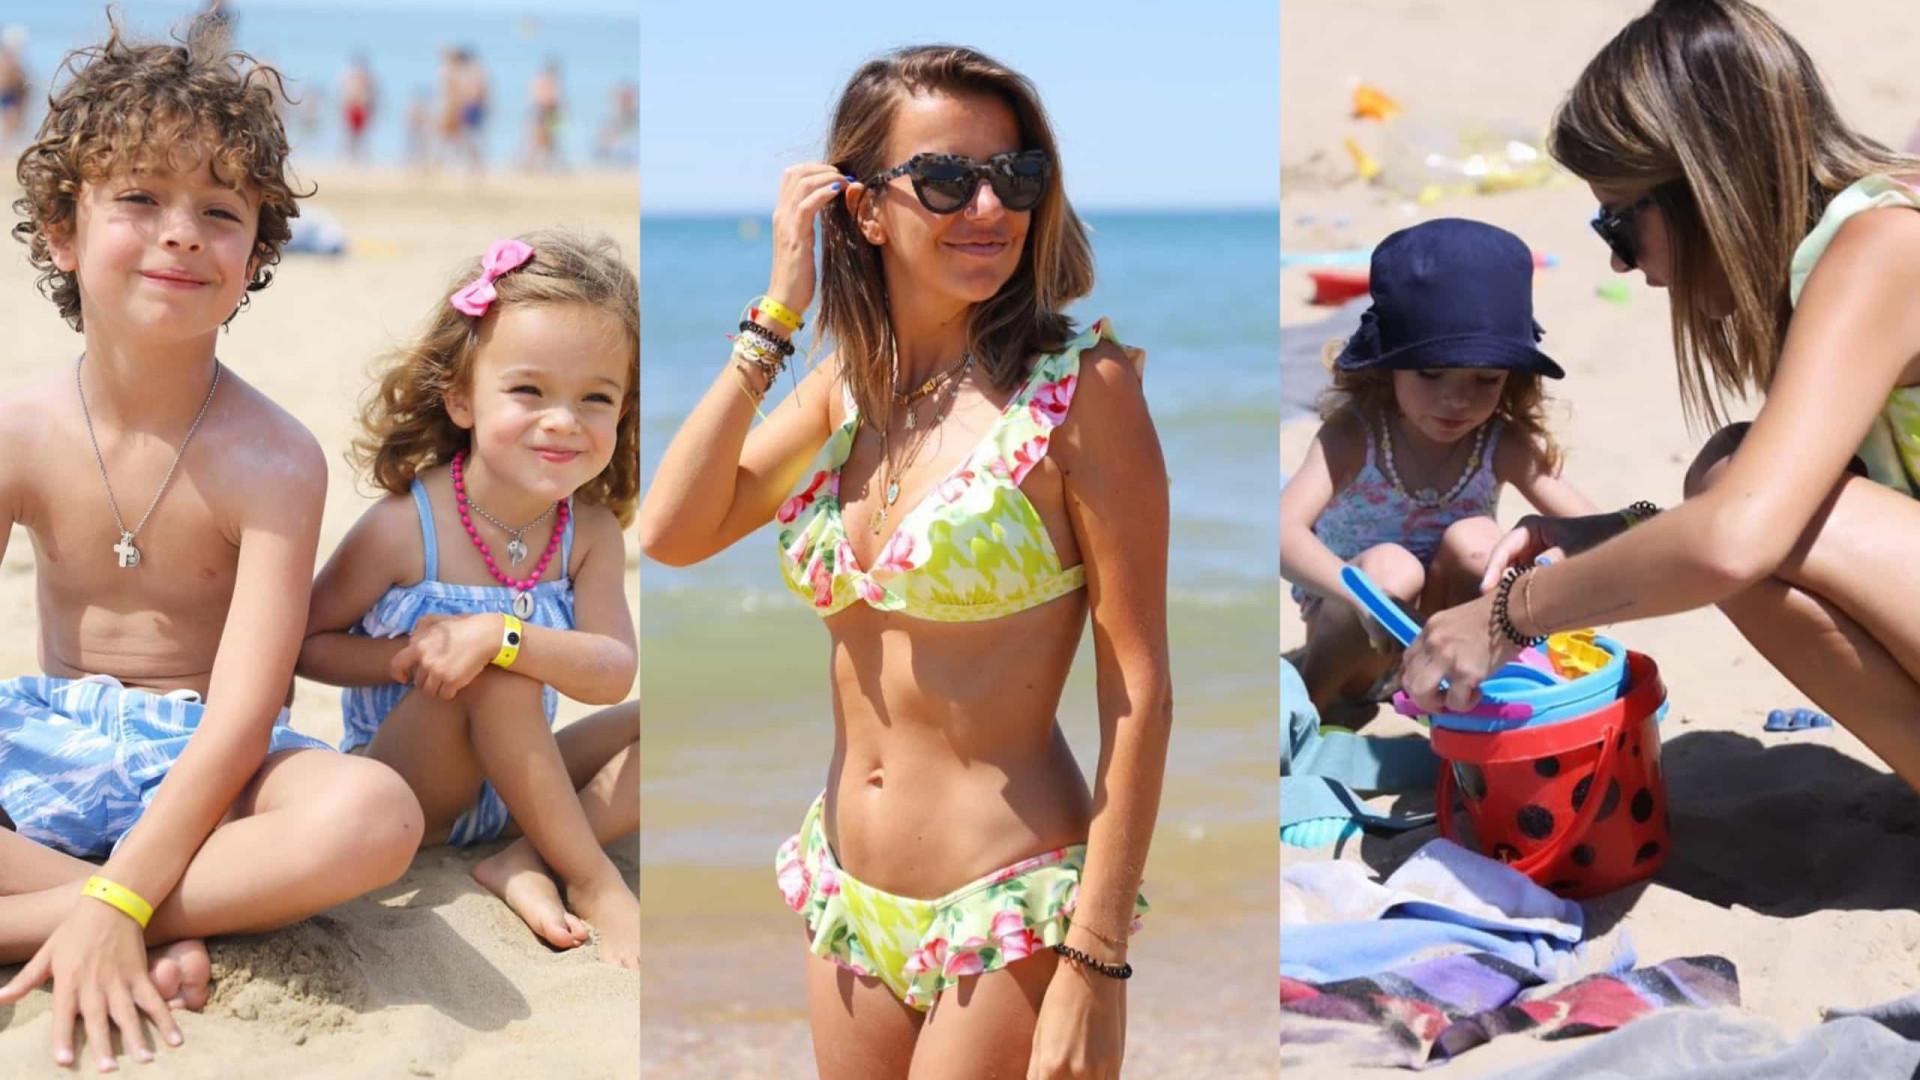 'Pipoca' de férias com os filhos em Espanha. As primeiras fotos